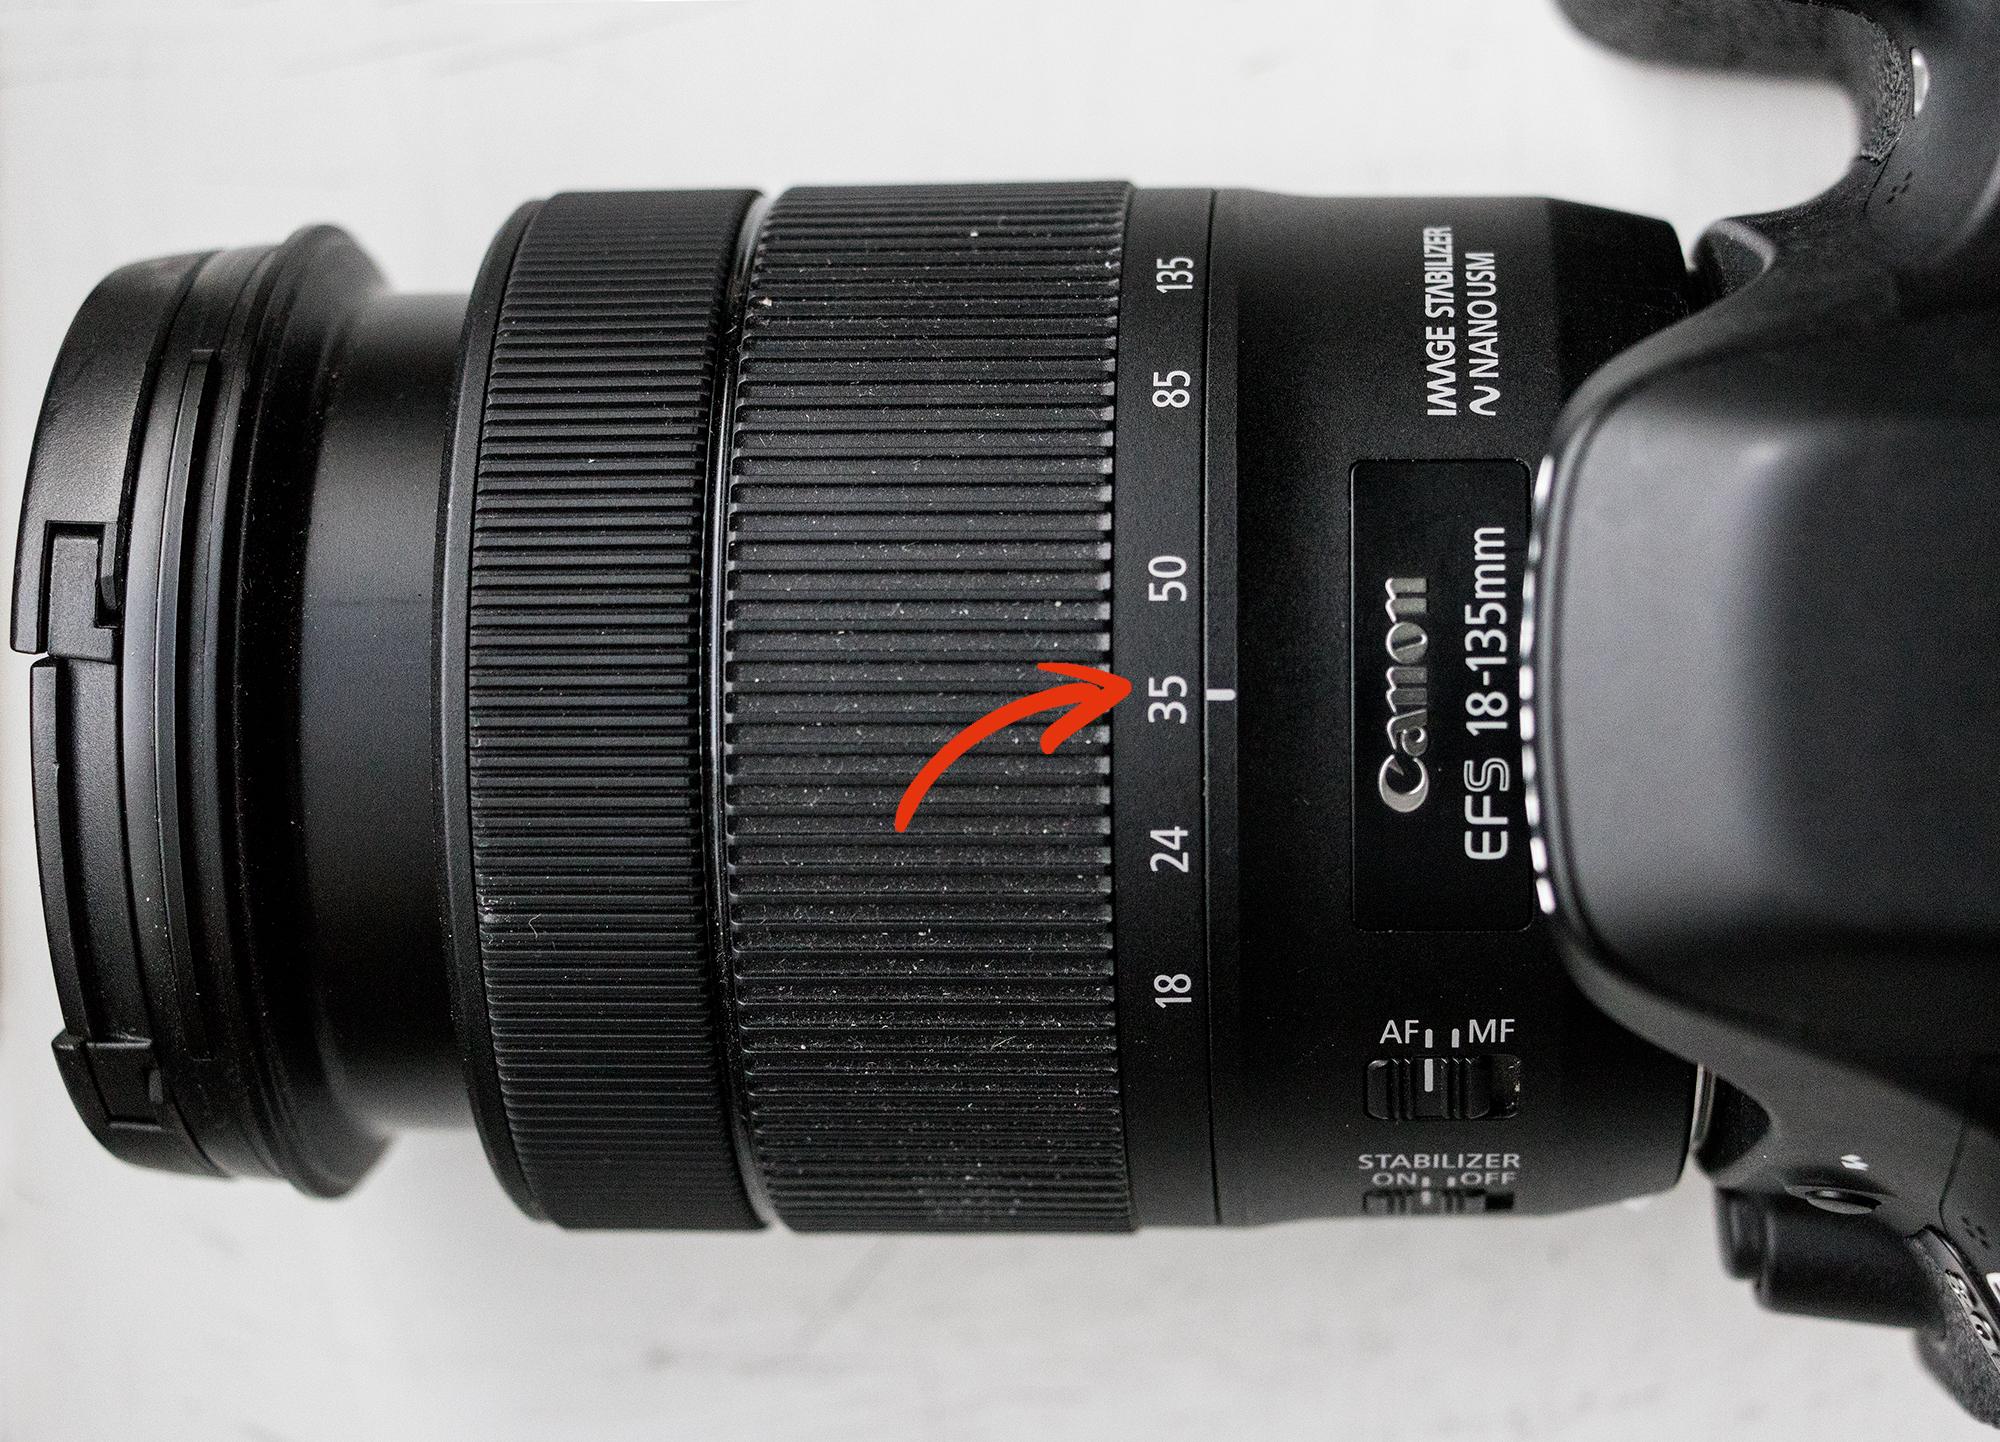 Valokuvauksen merkittävin suomalaiskeksintö päätyi Leicaan – keksijä sai palkkioksi yhden Leica-objektiivin